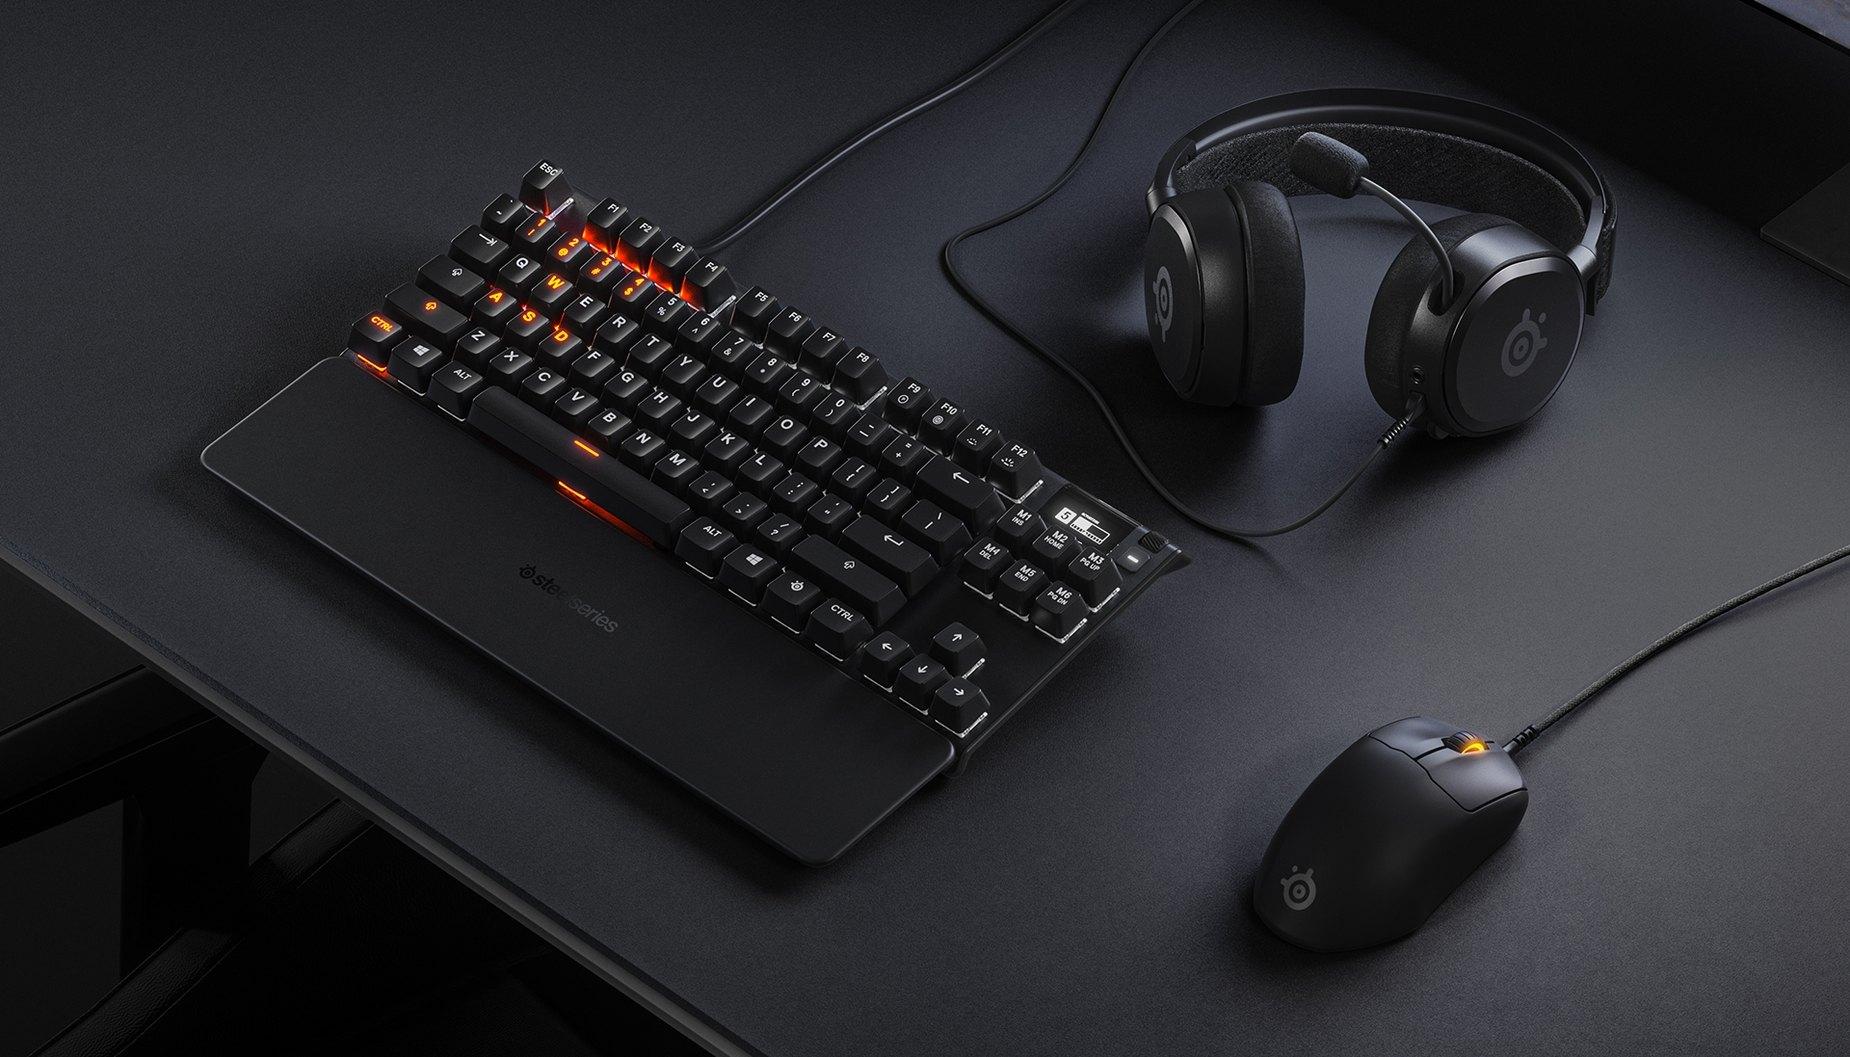 時尚的桌上型電腦配備,展示出 Prime 滑鼠、鍵盤與耳機。